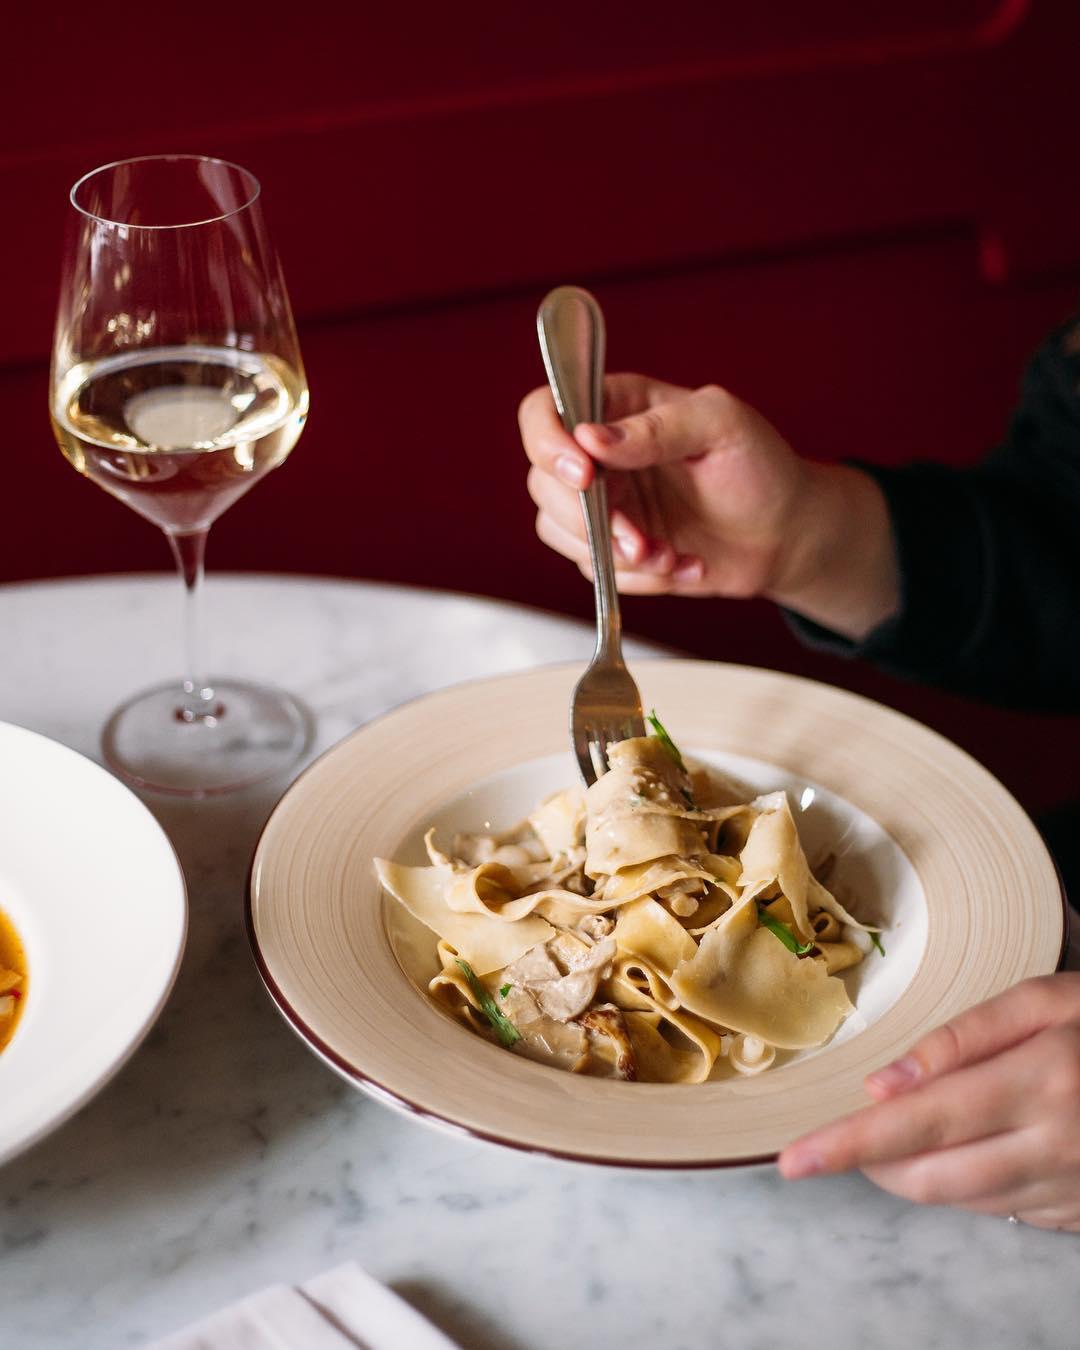 Паппарделле в сливочном соусе с белыми грибами и пармезаном в ресторане Saxon + Parole